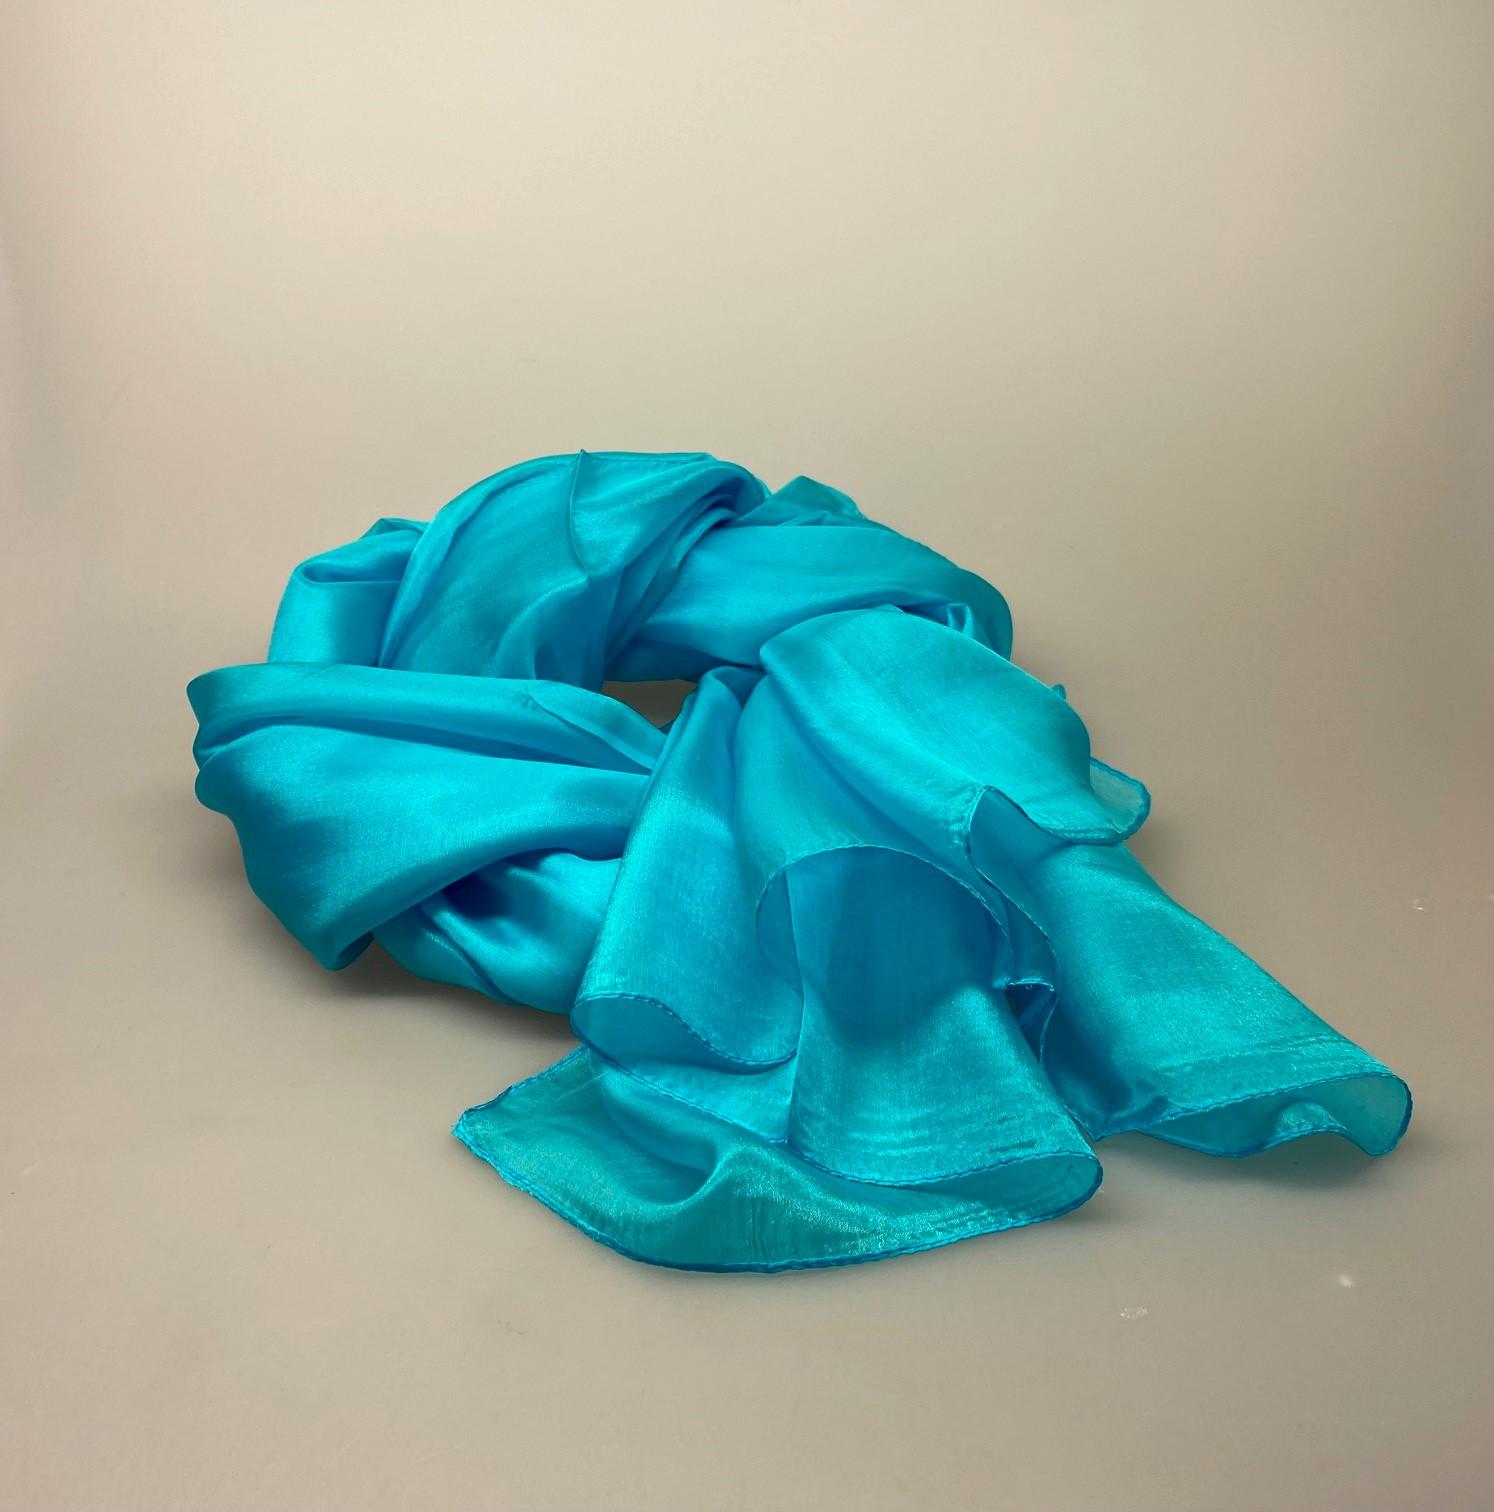 Silketørklæde Pongé 1410 XL - Turkis, stola, tørklæde, stort, fyldigt, blødt, lækkert, stola, om skulderen, over skuldrene, bolero, festtilbehør, festtøj, turkisblå, grønblå, turkis, tyrkis, biti, ribe